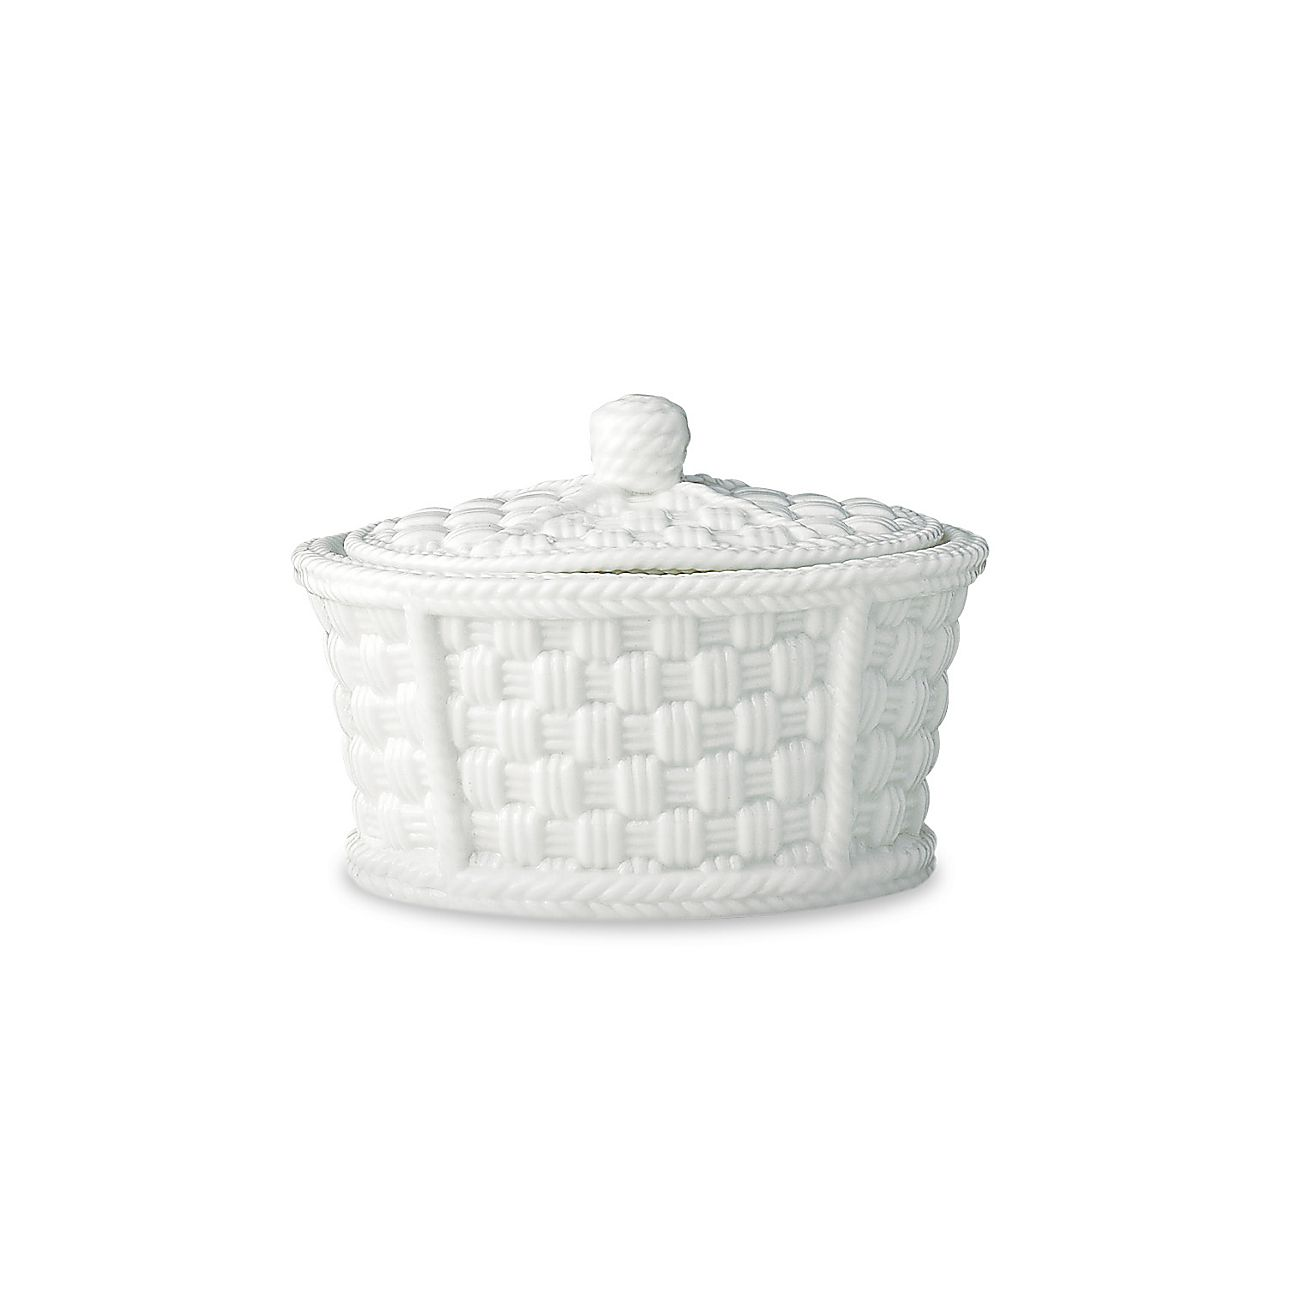 Tiffany Weave:Sugar Bowl